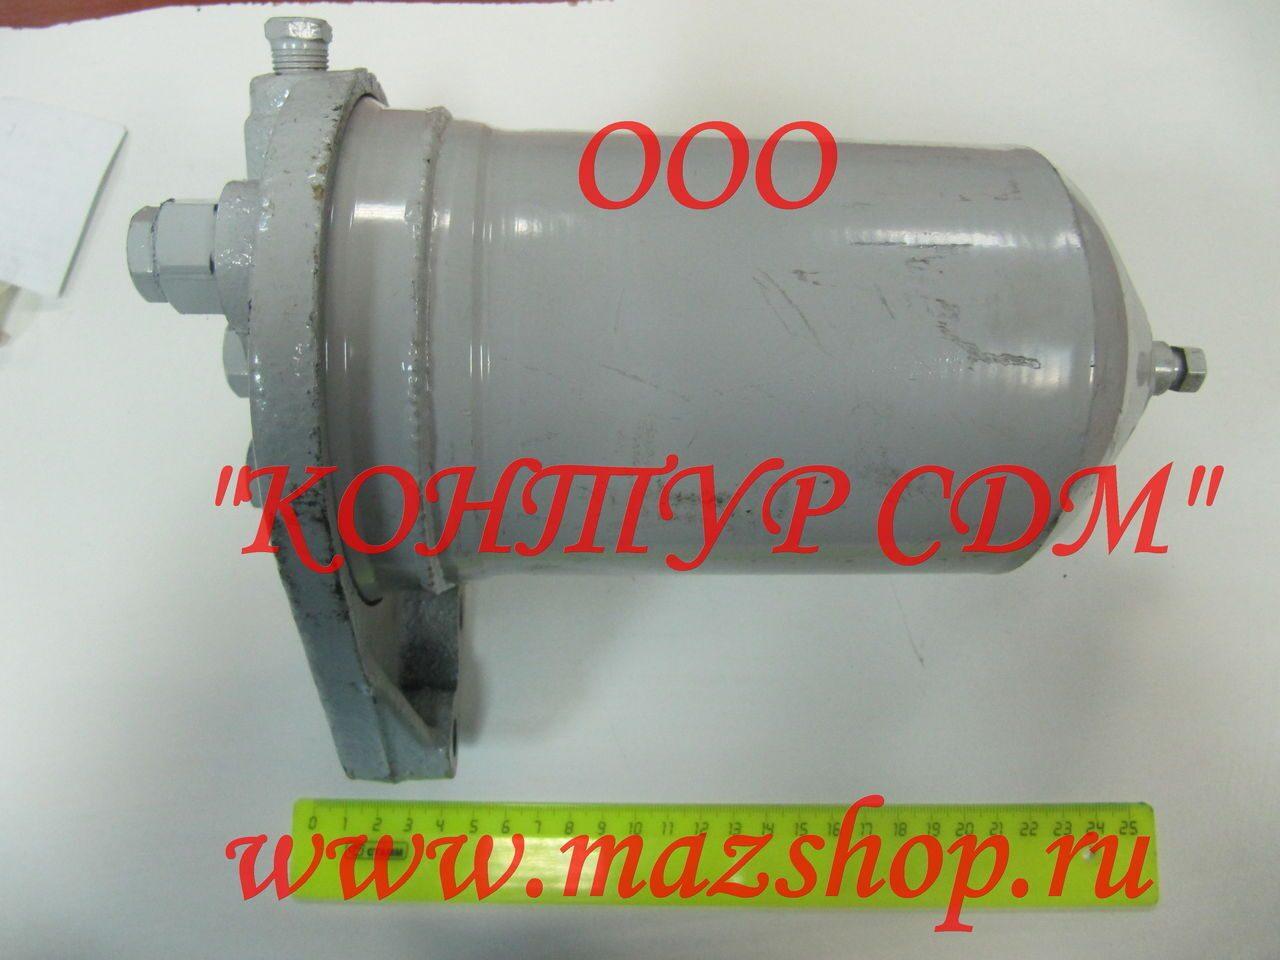 7511 1117010 фильтр тонкой очистки топлива маз